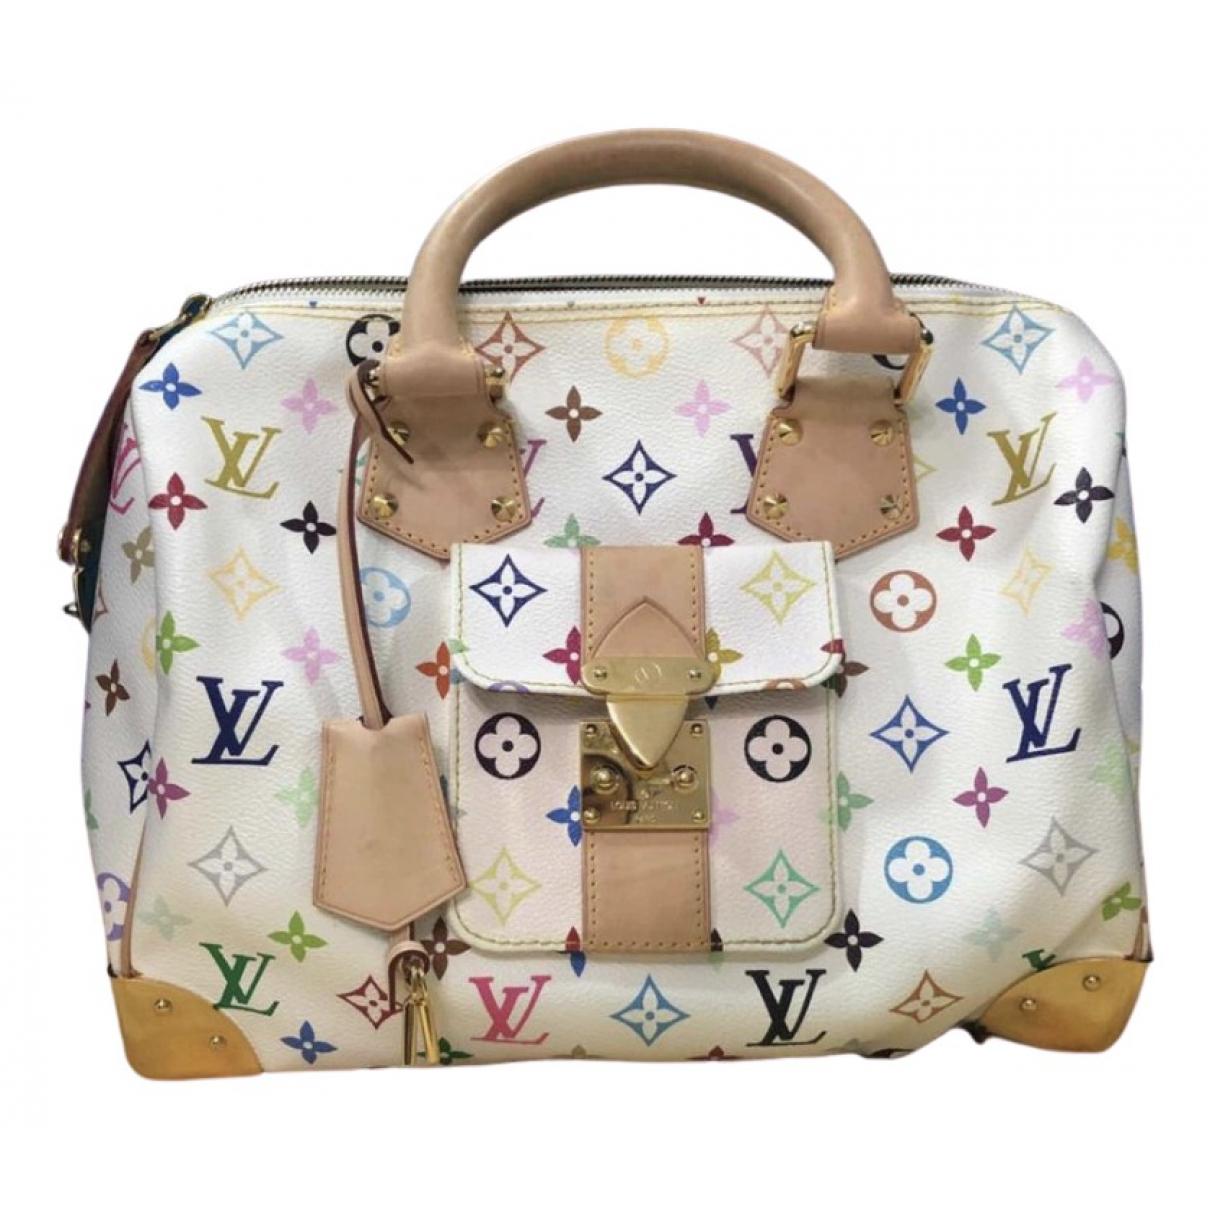 Louis Vuitton - Sac a main Speedy pour femme en toile - multicolore